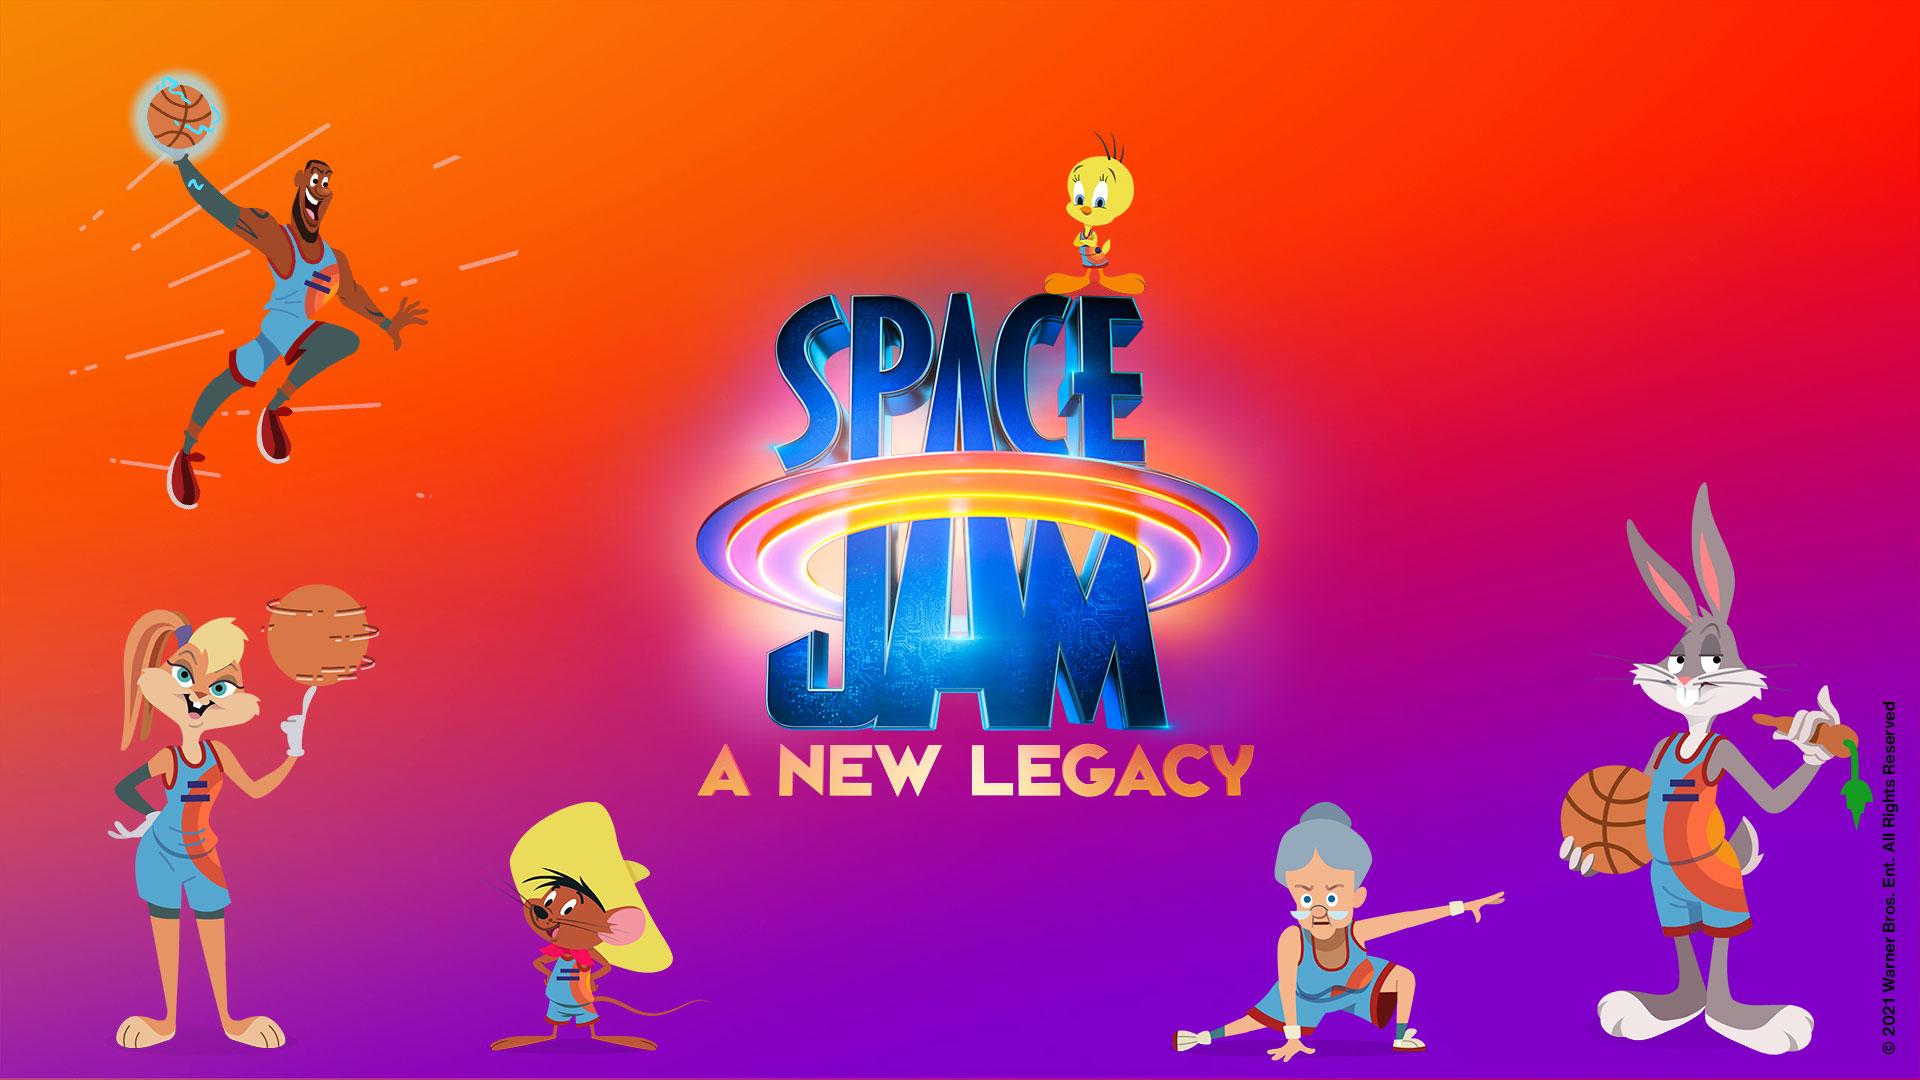 Immagine con le emoticon di SpaceJam